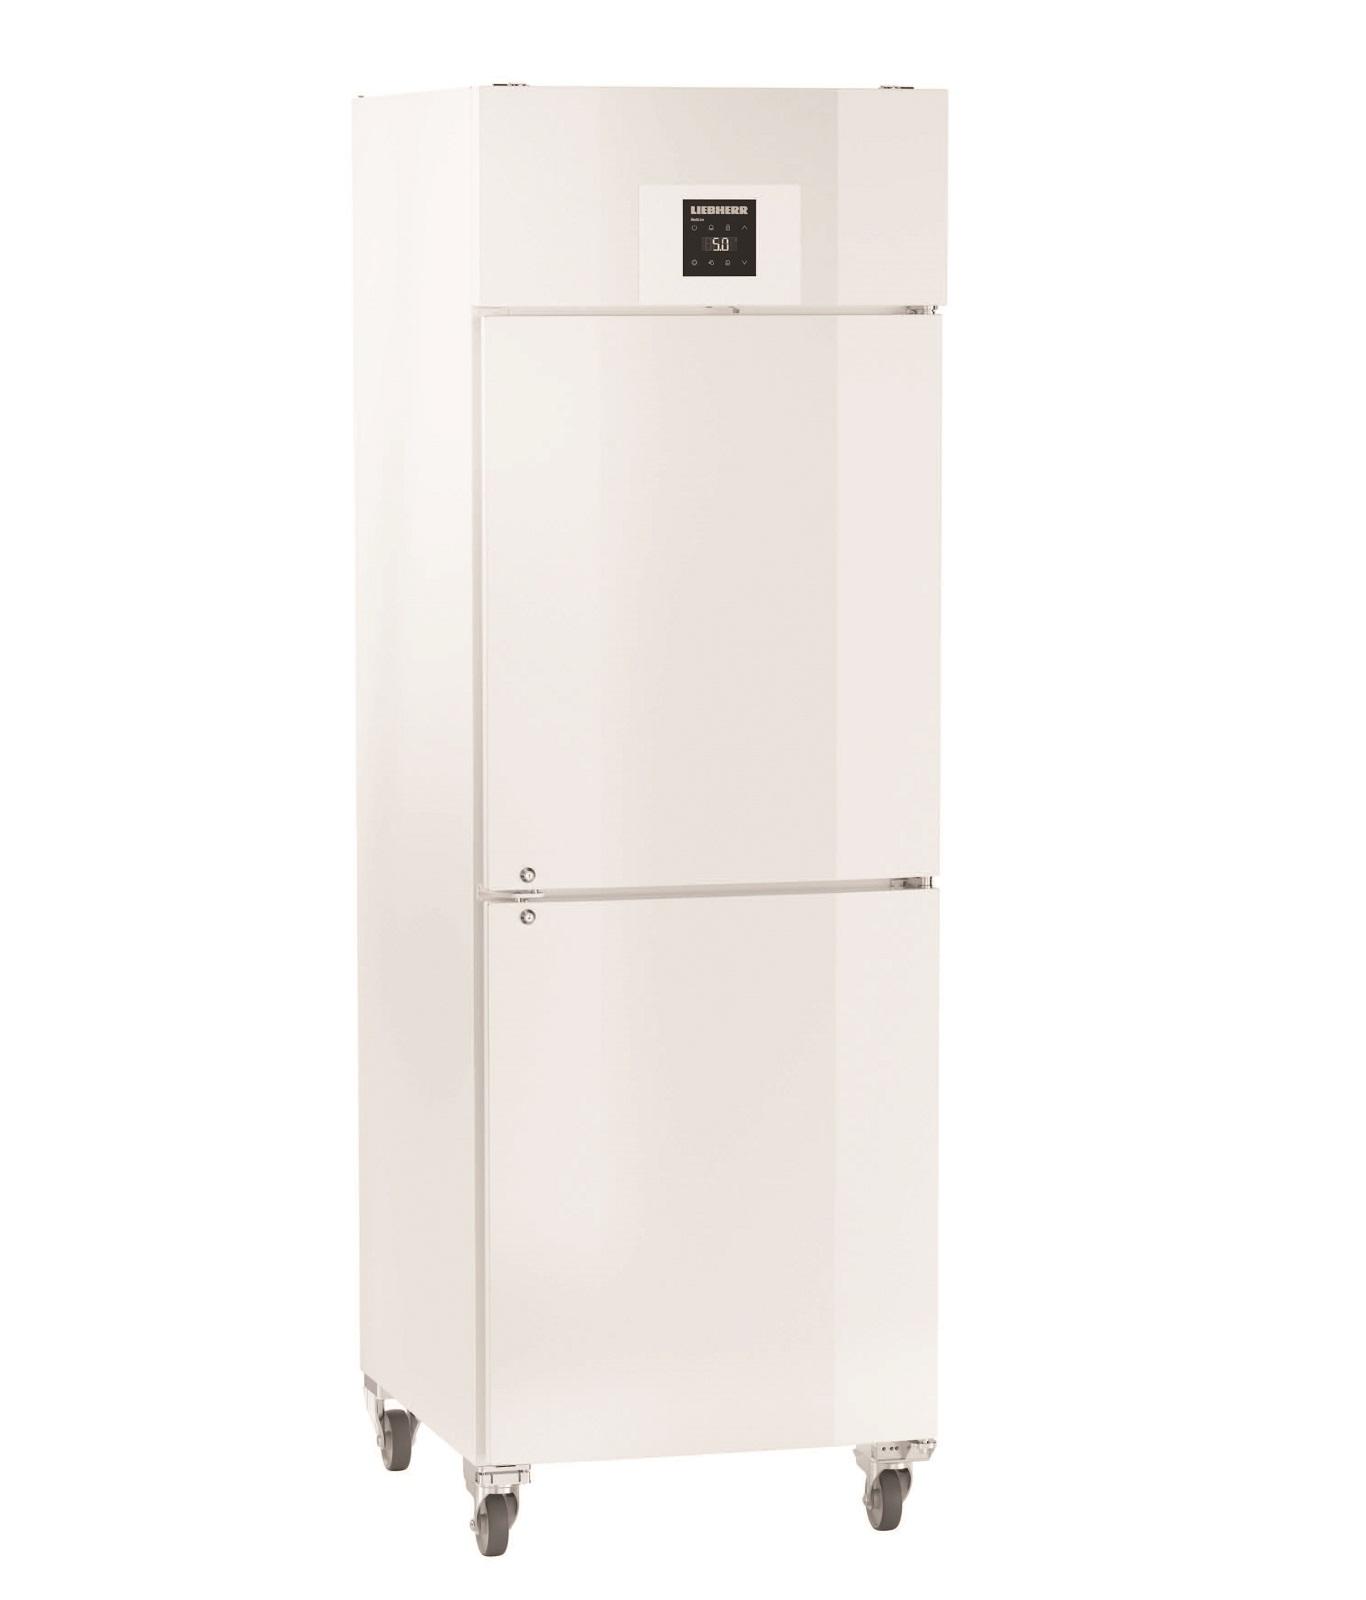 купить Лабораторный холодильный шкаф  Liebherr LKPv 6527 Украина фото 2